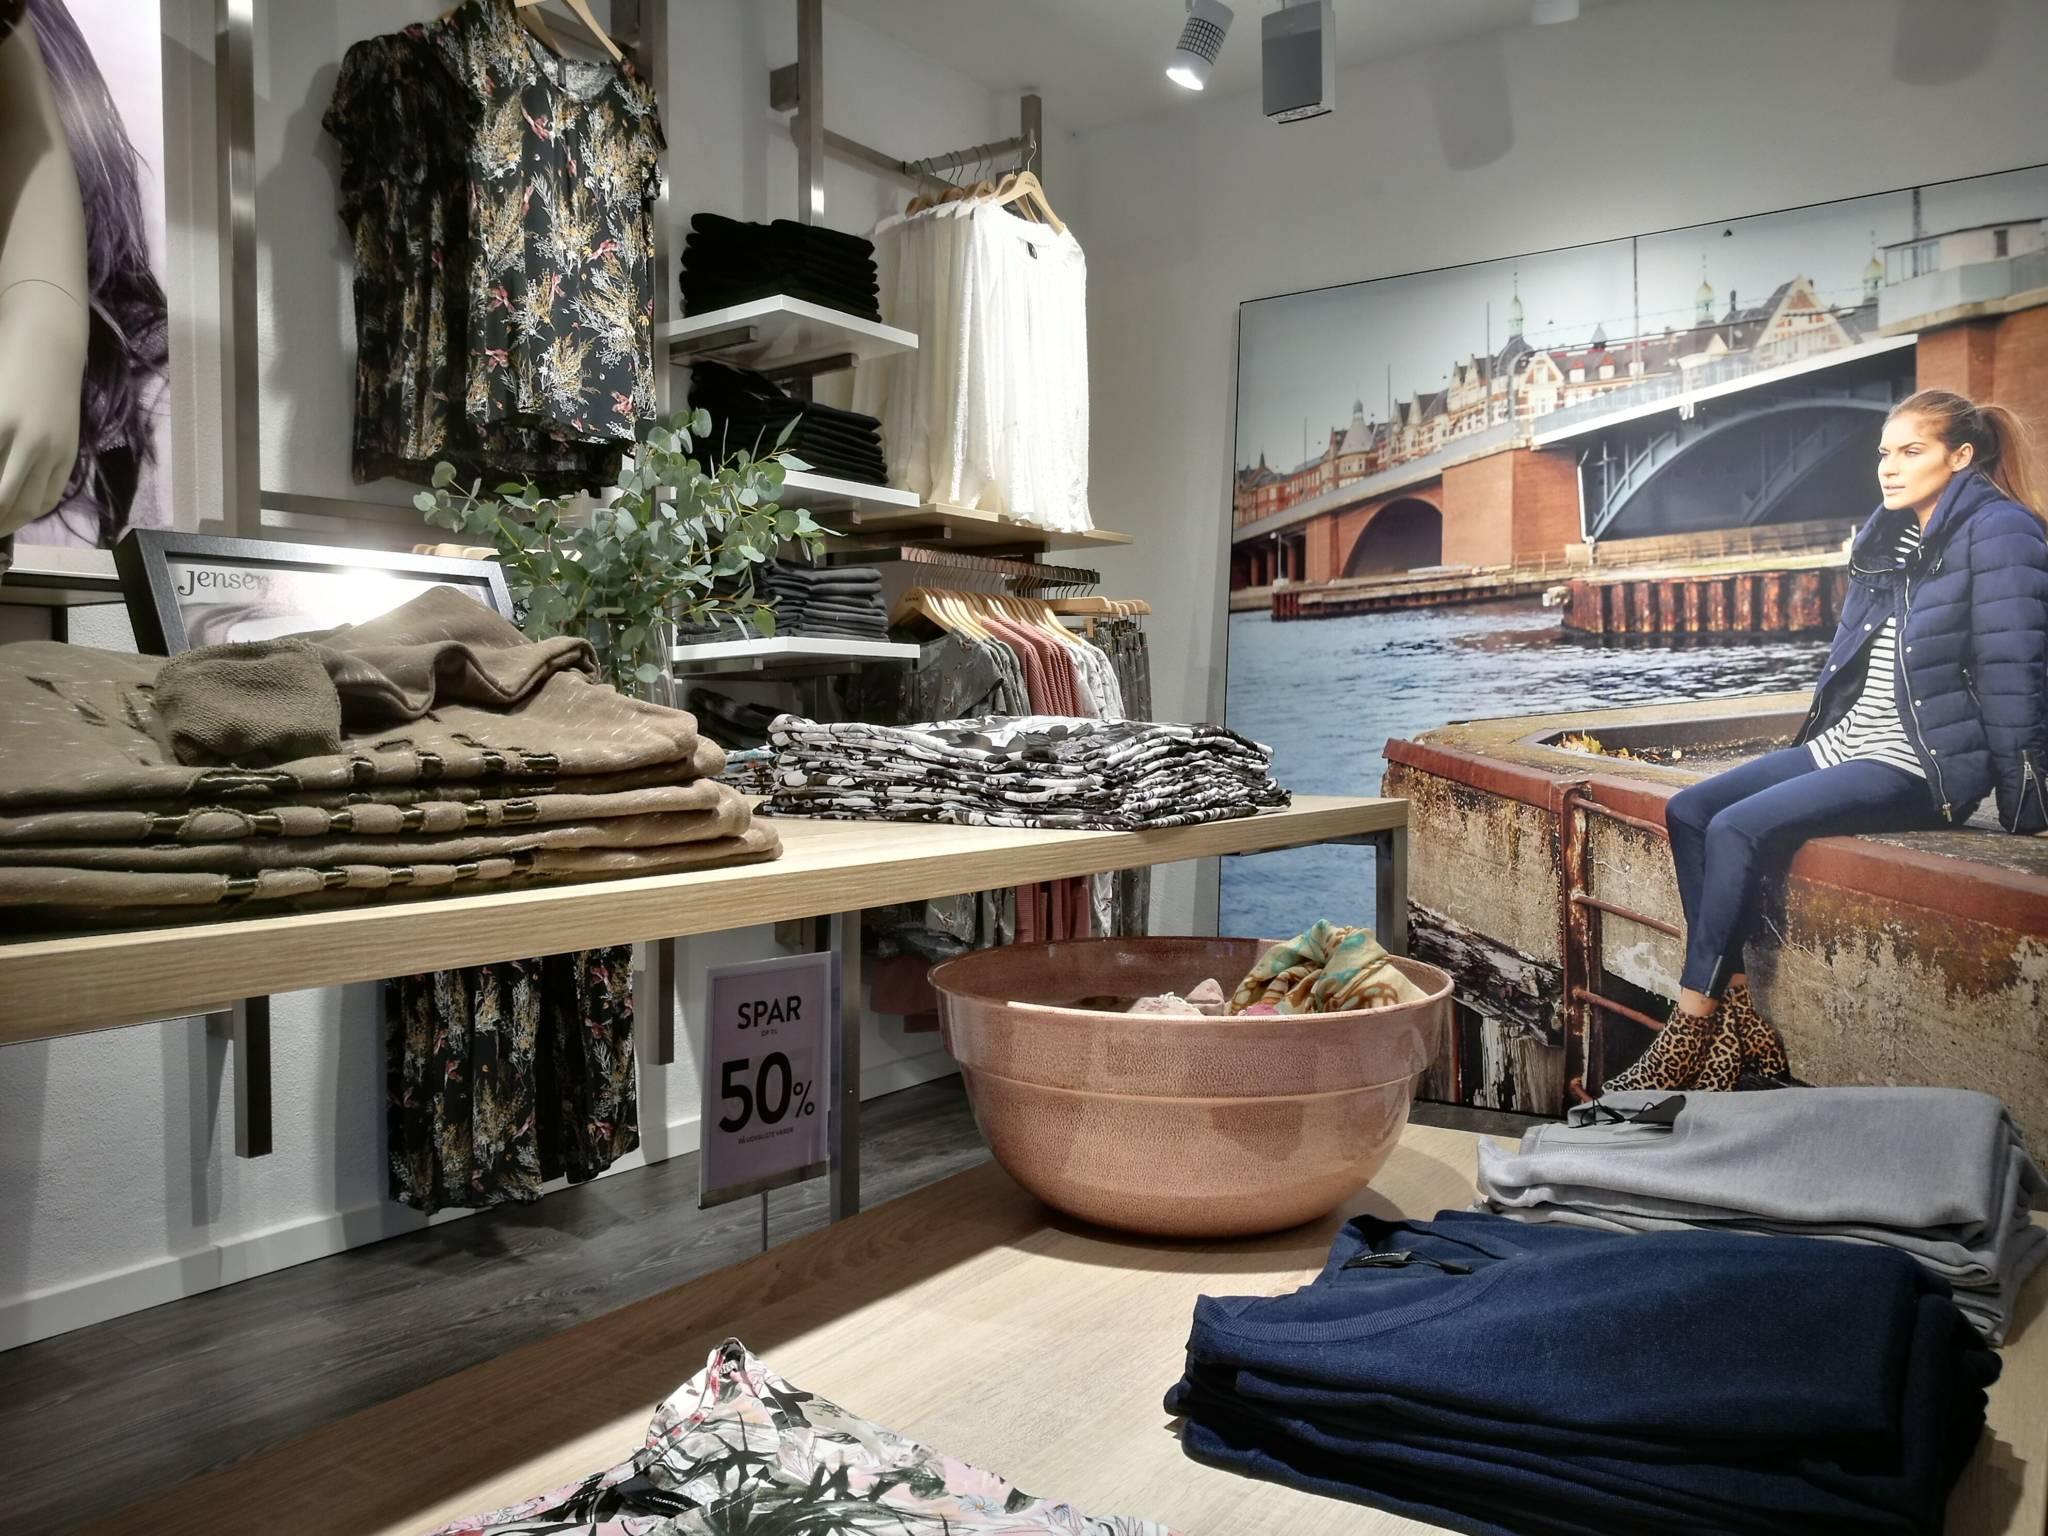 Moderne dame butik med nyt design udtryk. Butiksinventar og vægsystem. Butiksindretning